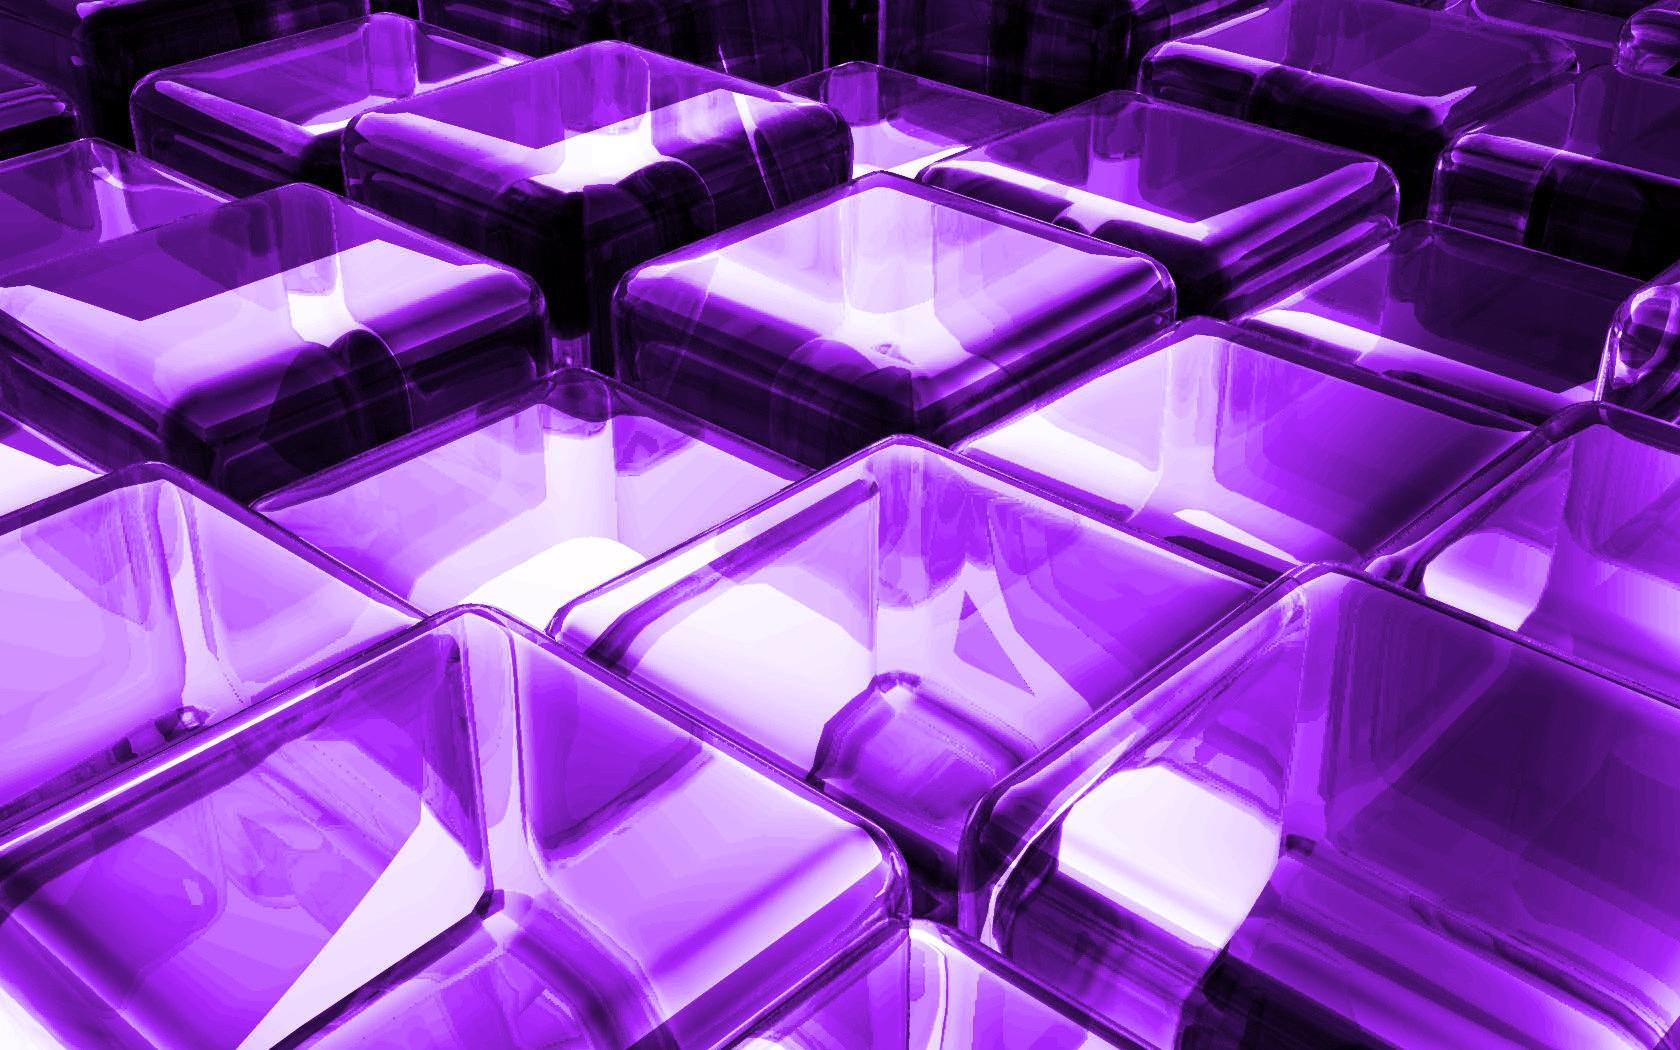 прозрачный кубик  № 2465686 бесплатно